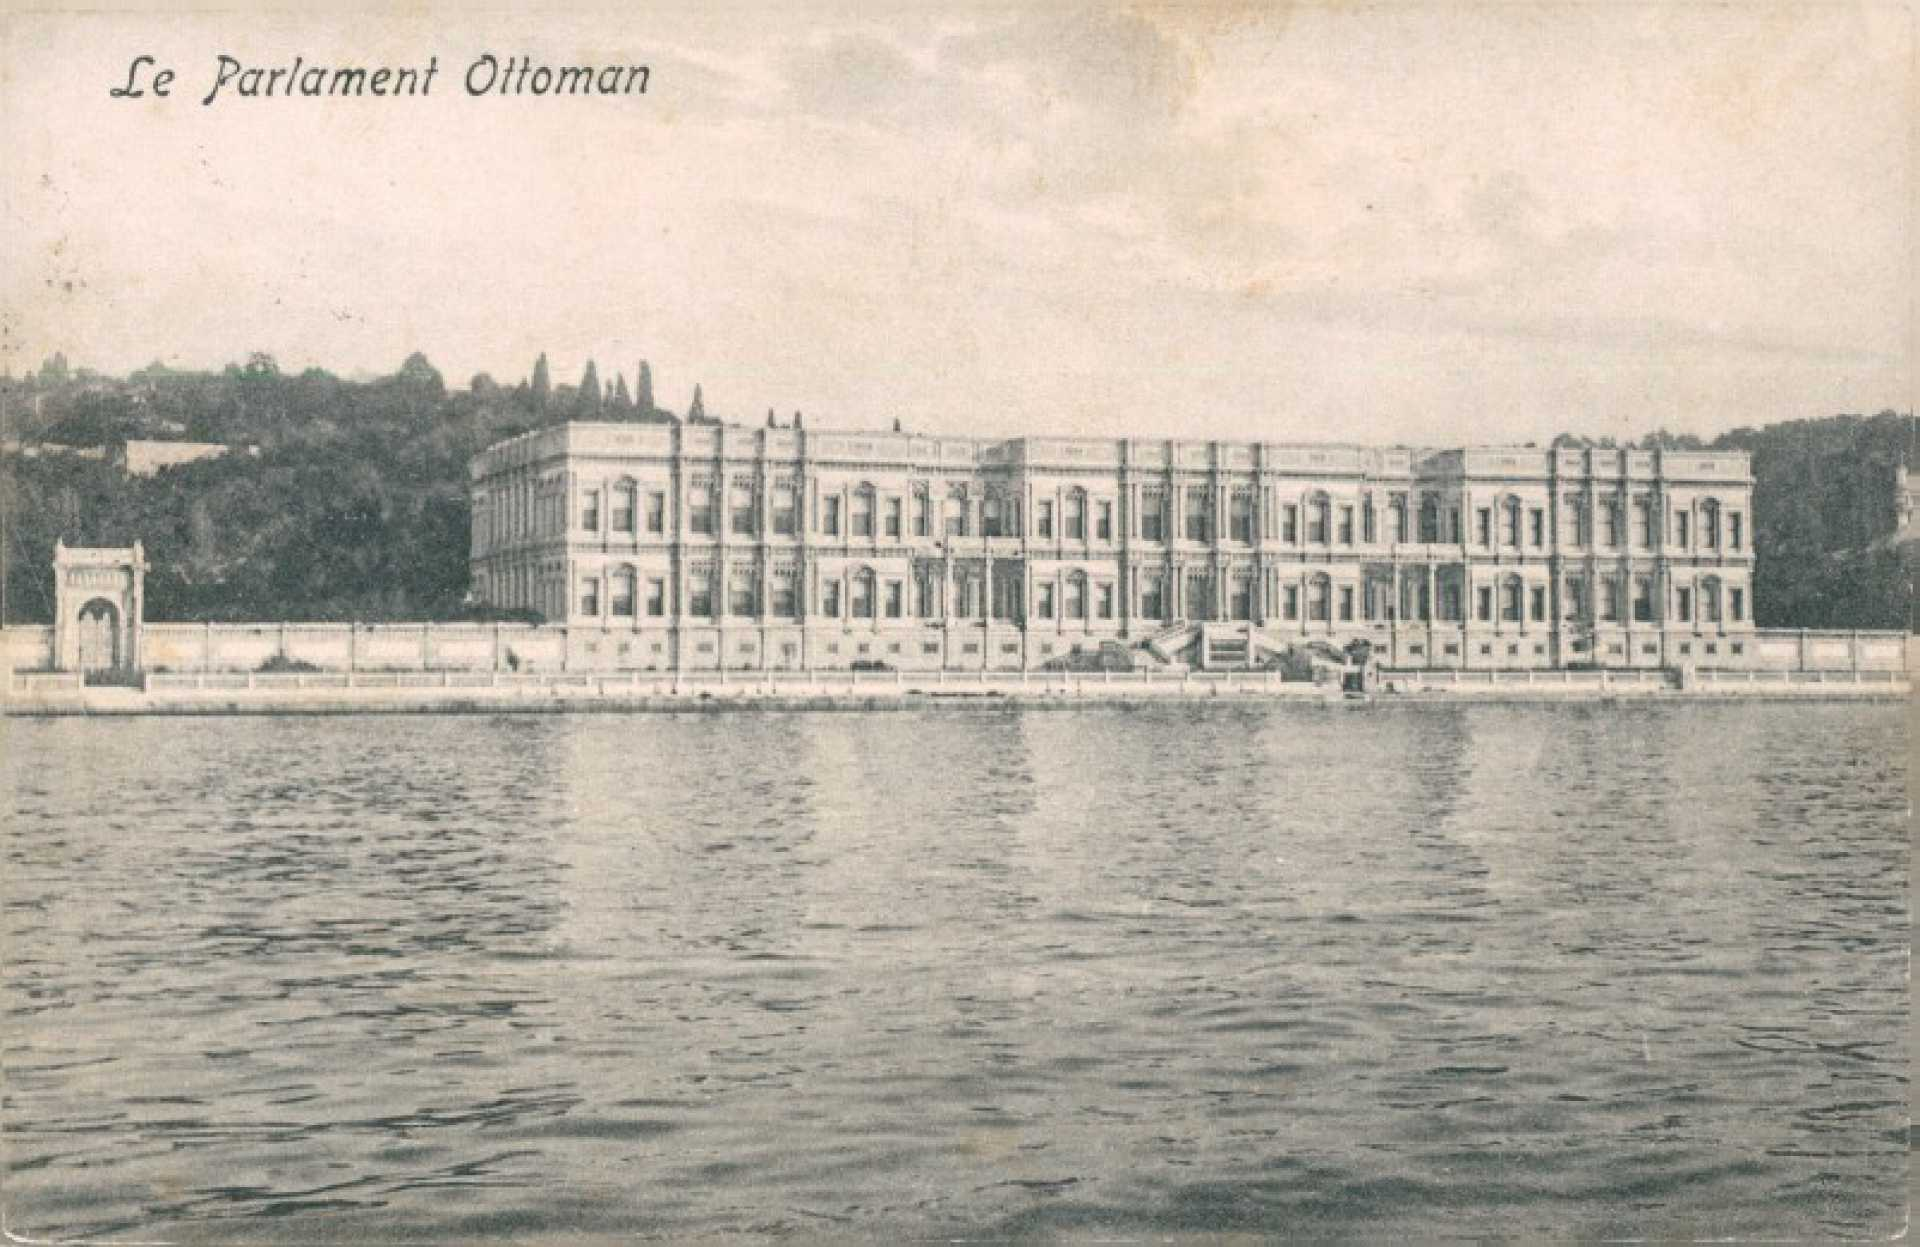 Le Parlament Ottoman